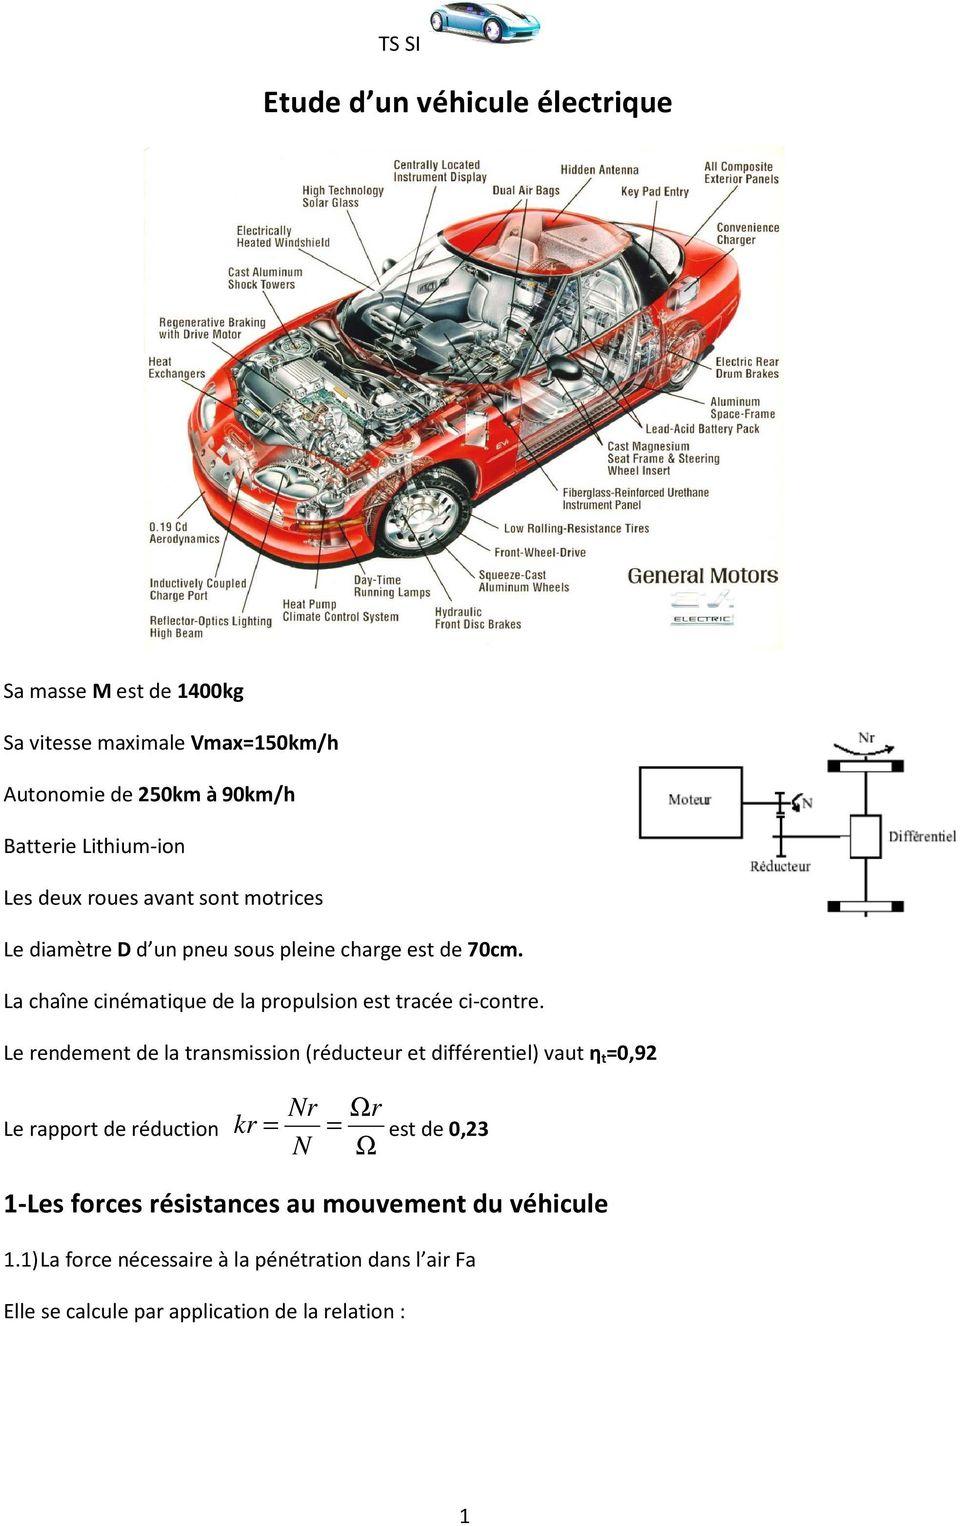 Extracteur D Air à Pile Nouveau Images Etude D Un Véhicule électrique Pdf